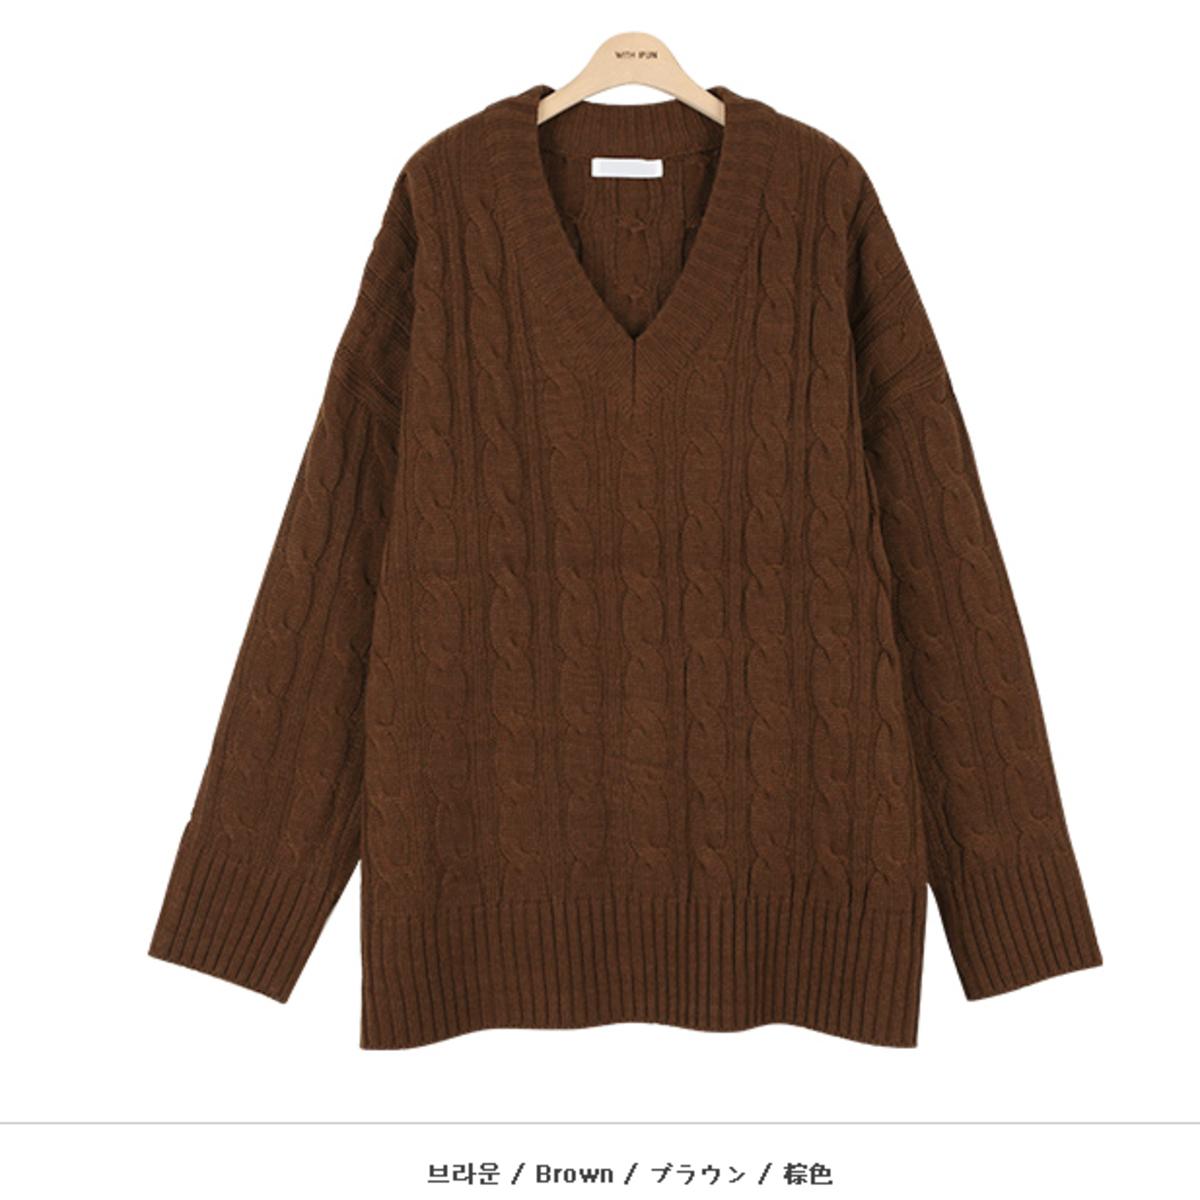 扭紋V領闊肩針織衫